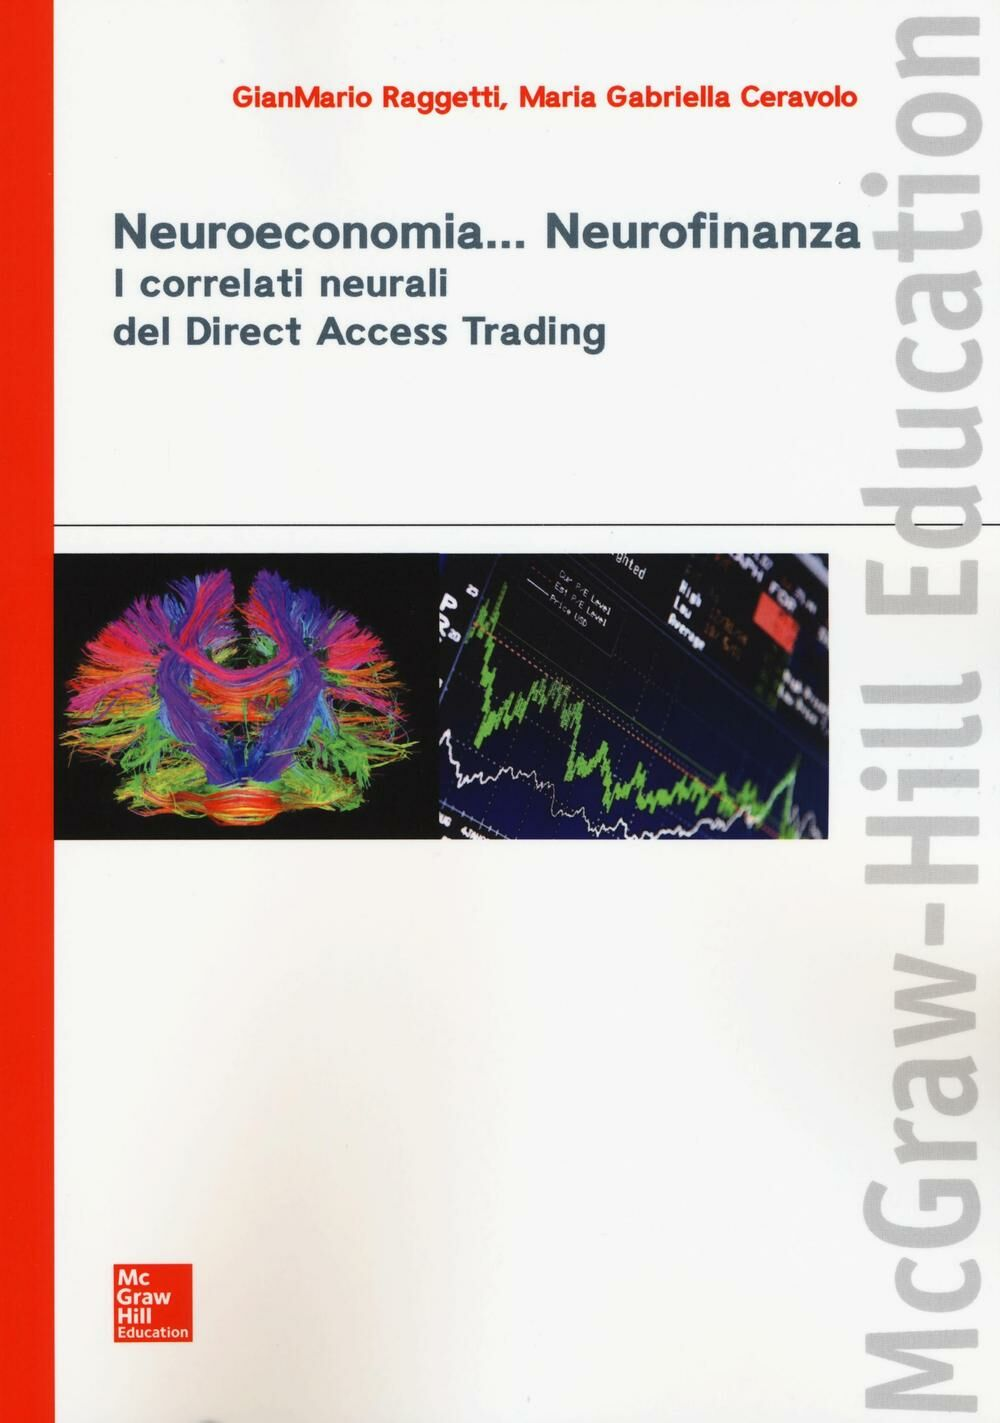 Neuroeconomia... Neurofinanza. I correlati neurali del Direct Access Trading